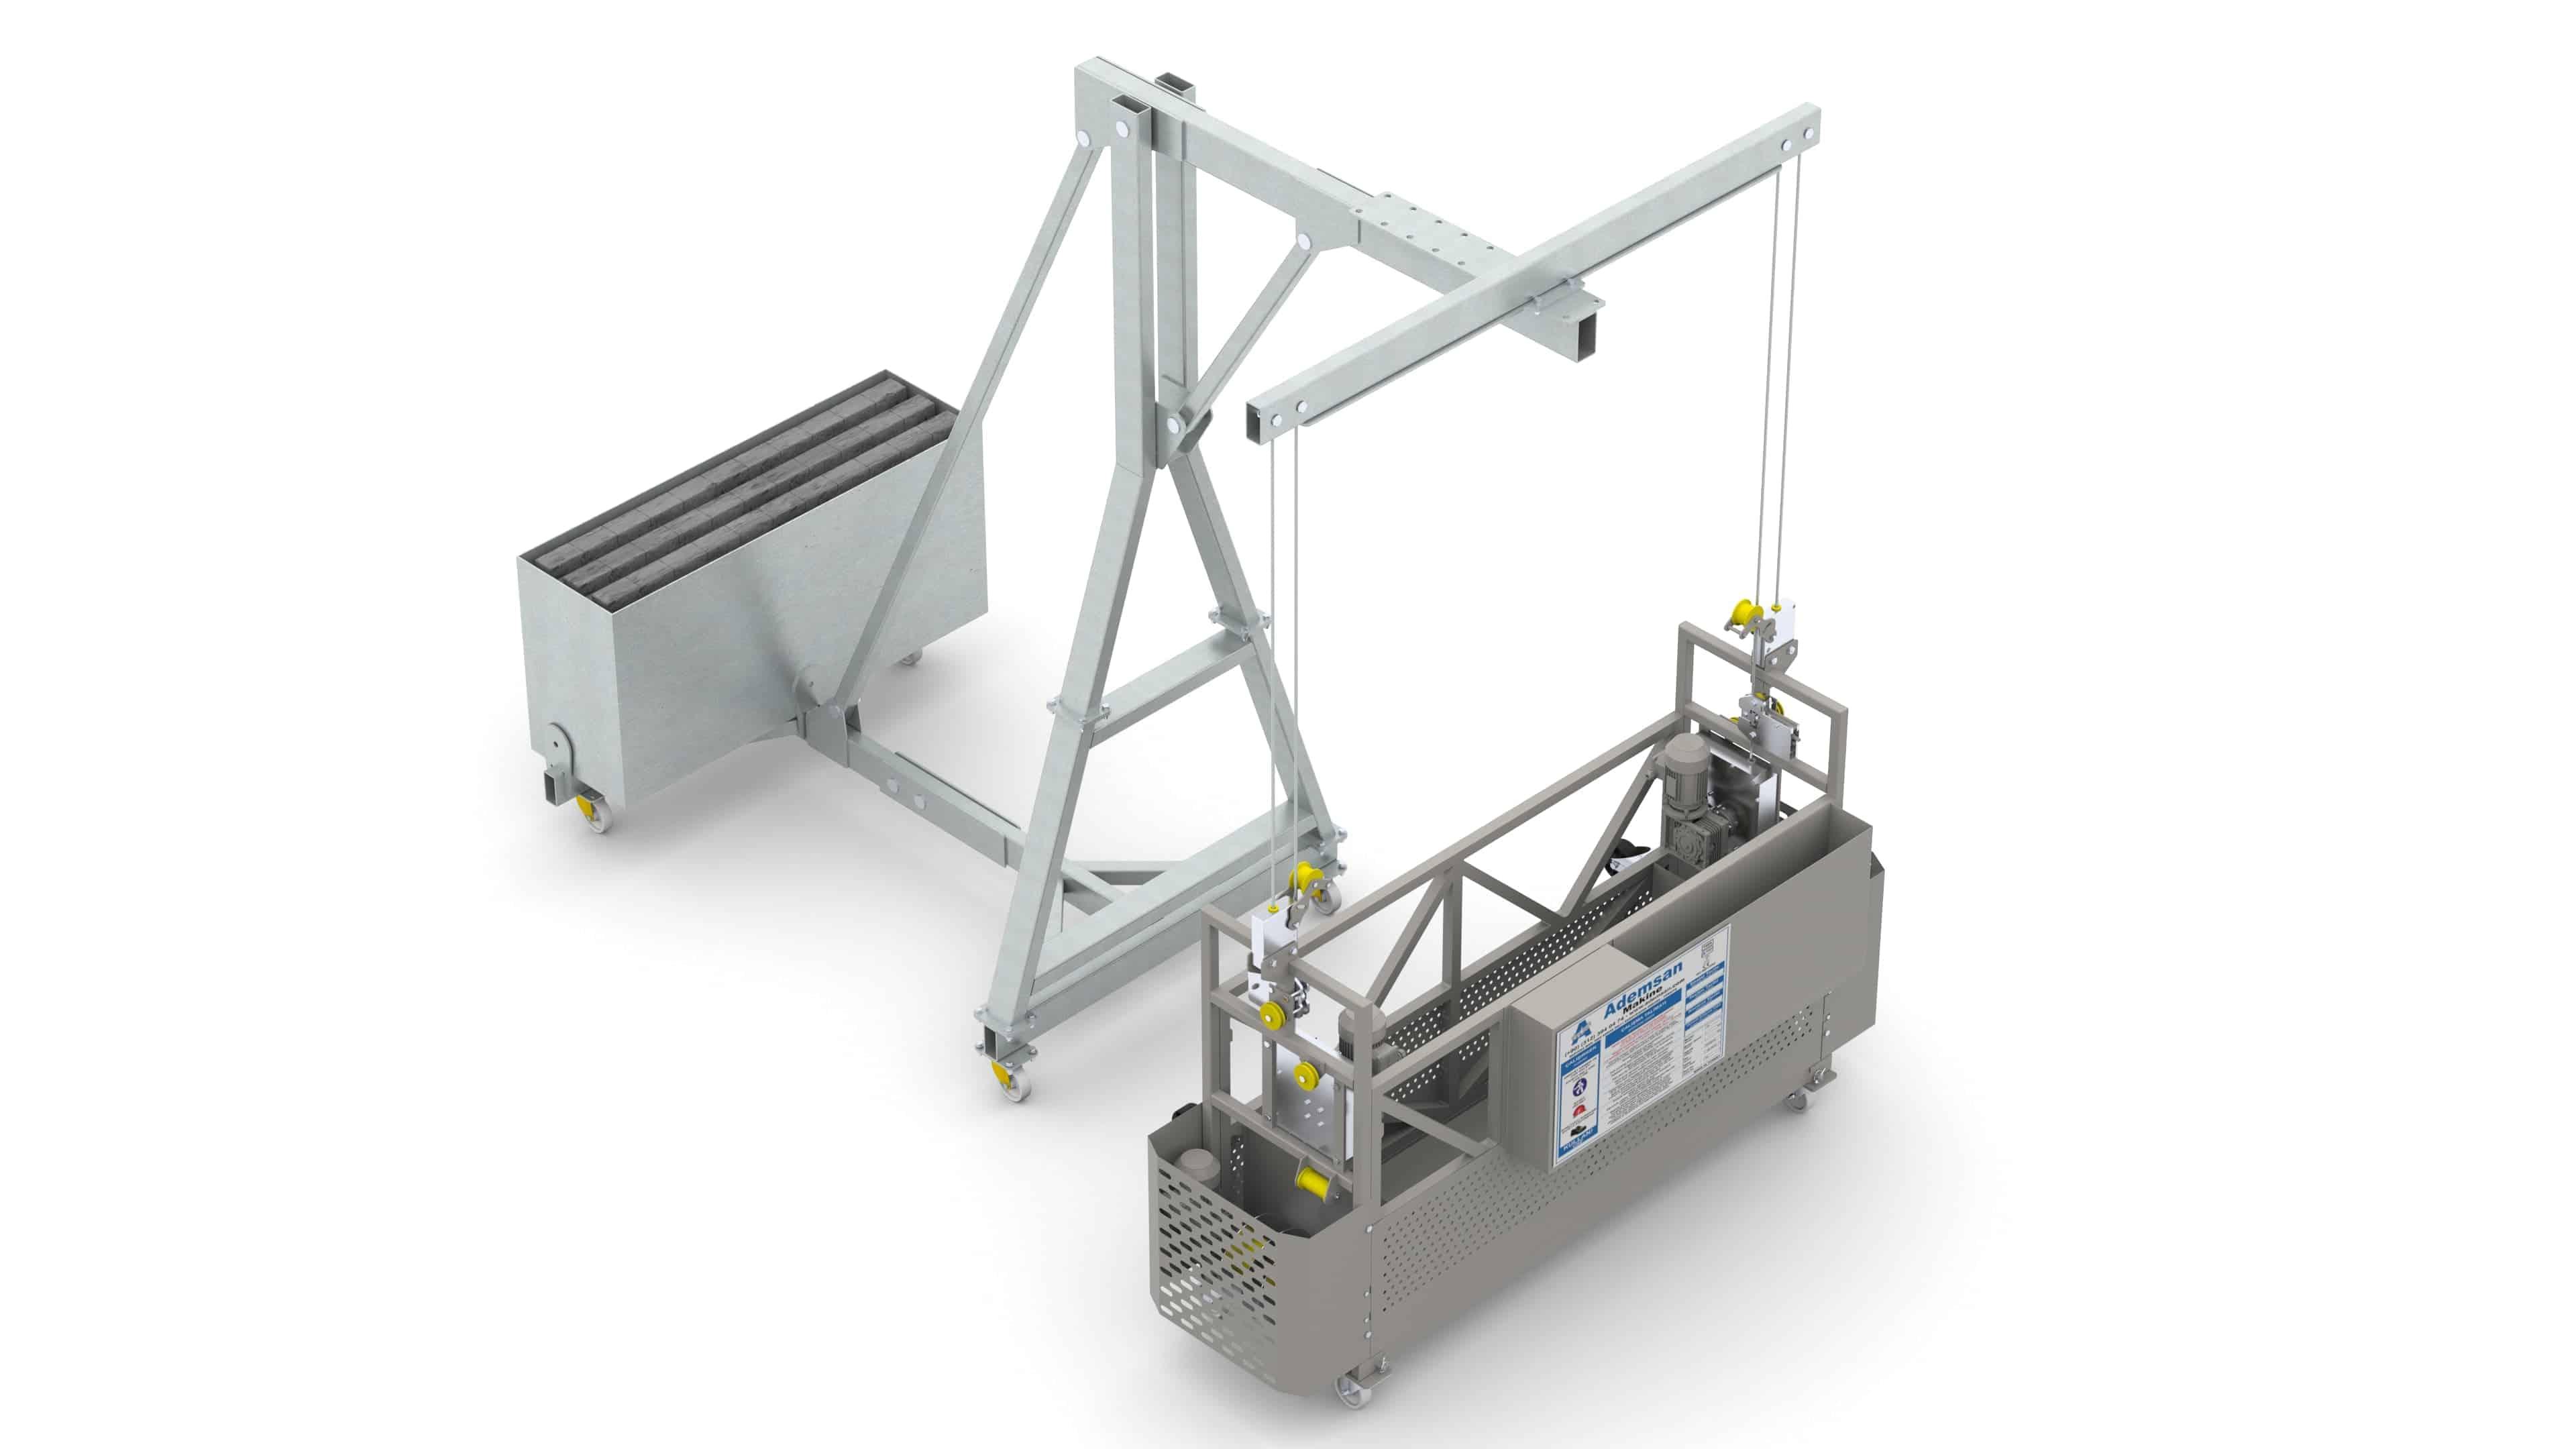 Применение килевых систем BMU для обслуживания фасадов зданий